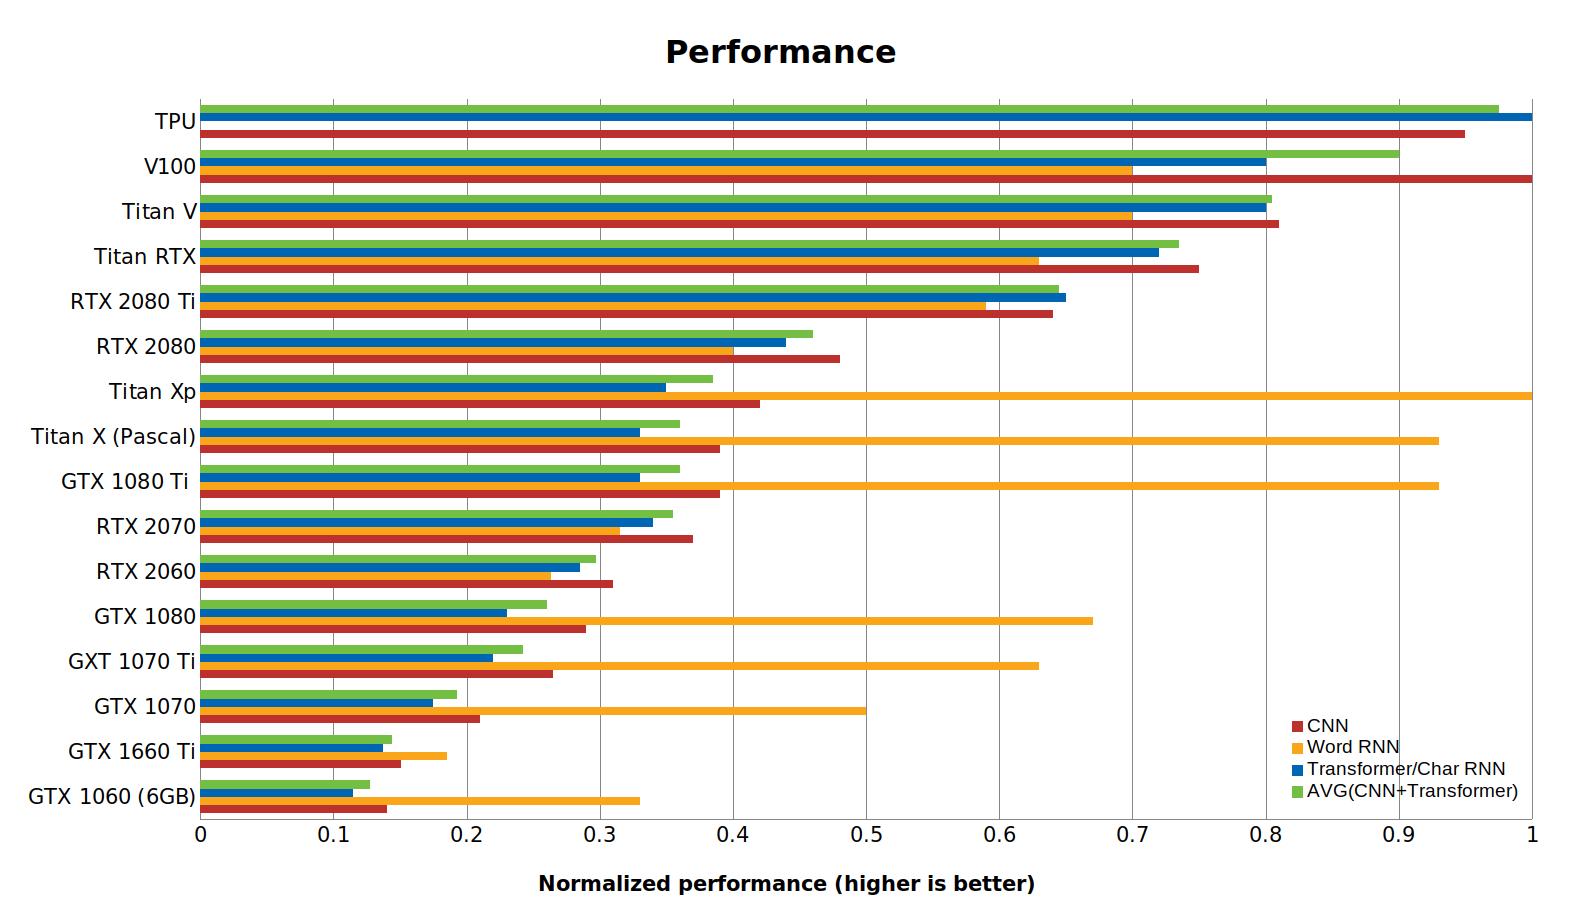 Hình 2: Dữ liệu hiệu suất được chuẩn hóa của GPU và TPU. Cao hơn thì tốt hơn. Thẻ RTX giả định tính toán 16 bit. Các số RNN từ đề cập đến hiệu suất biLSTM cho các chuỗi ngắn có độ dài <100. Điểm chuẩn được thực hiện bằng PyTorch 1.0.1 và CUDA 10.